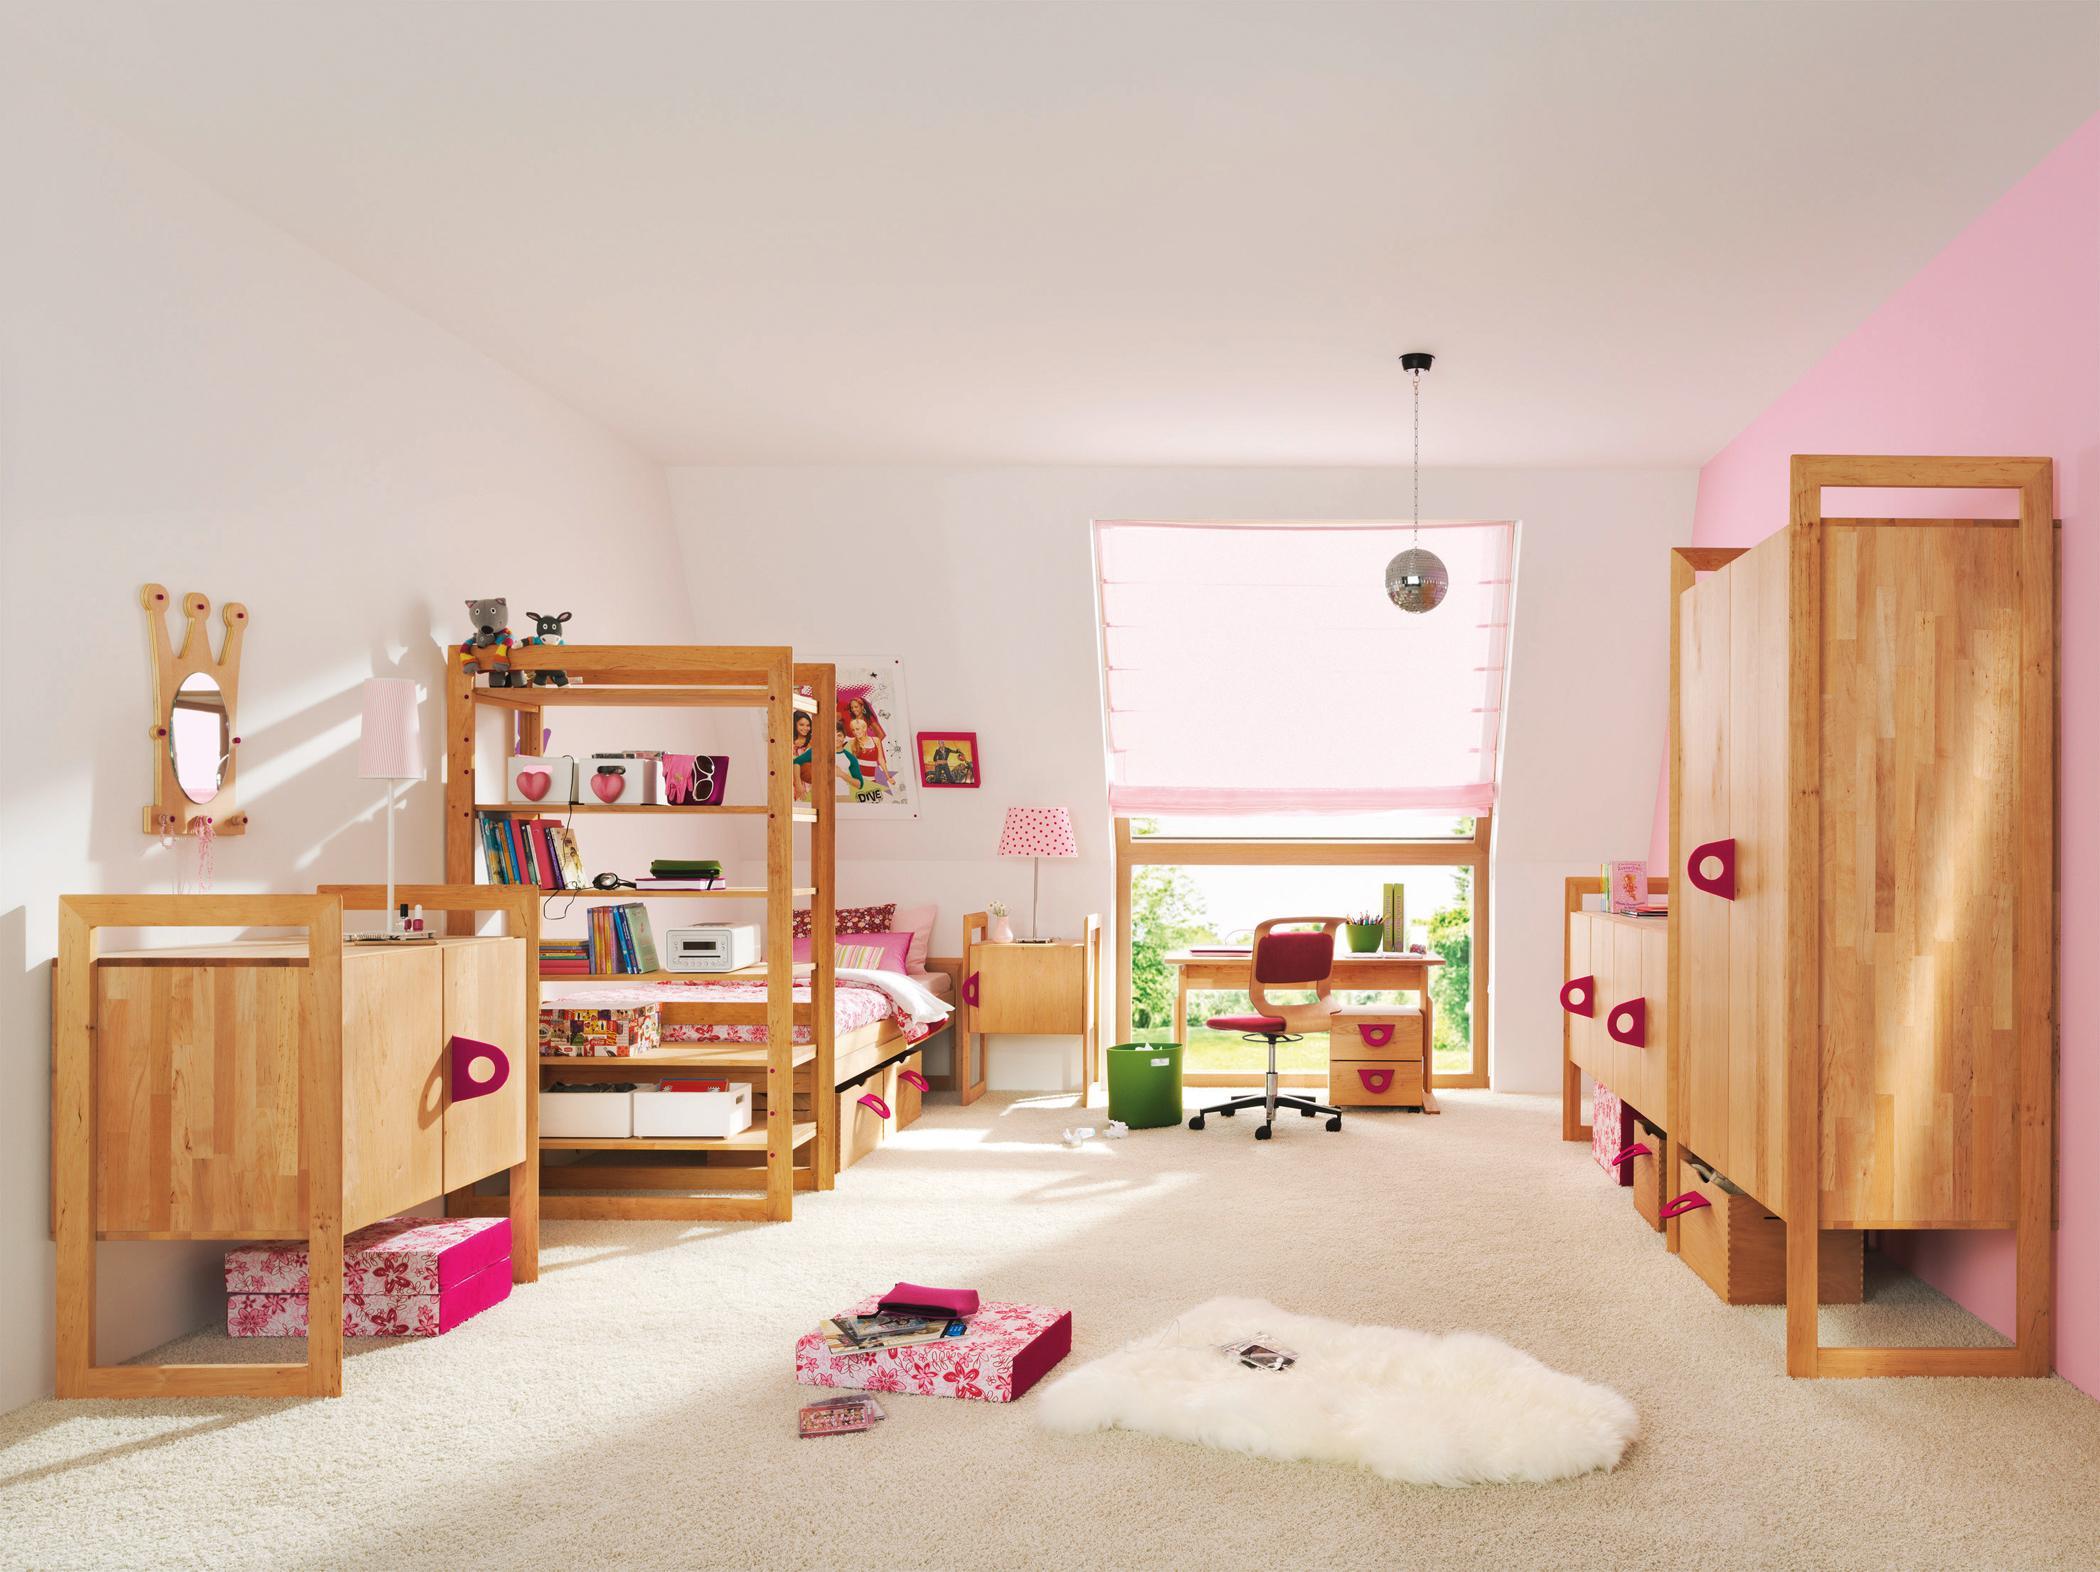 kinderhochbett von ritterburg bis prinzessinenschloss. Black Bedroom Furniture Sets. Home Design Ideas